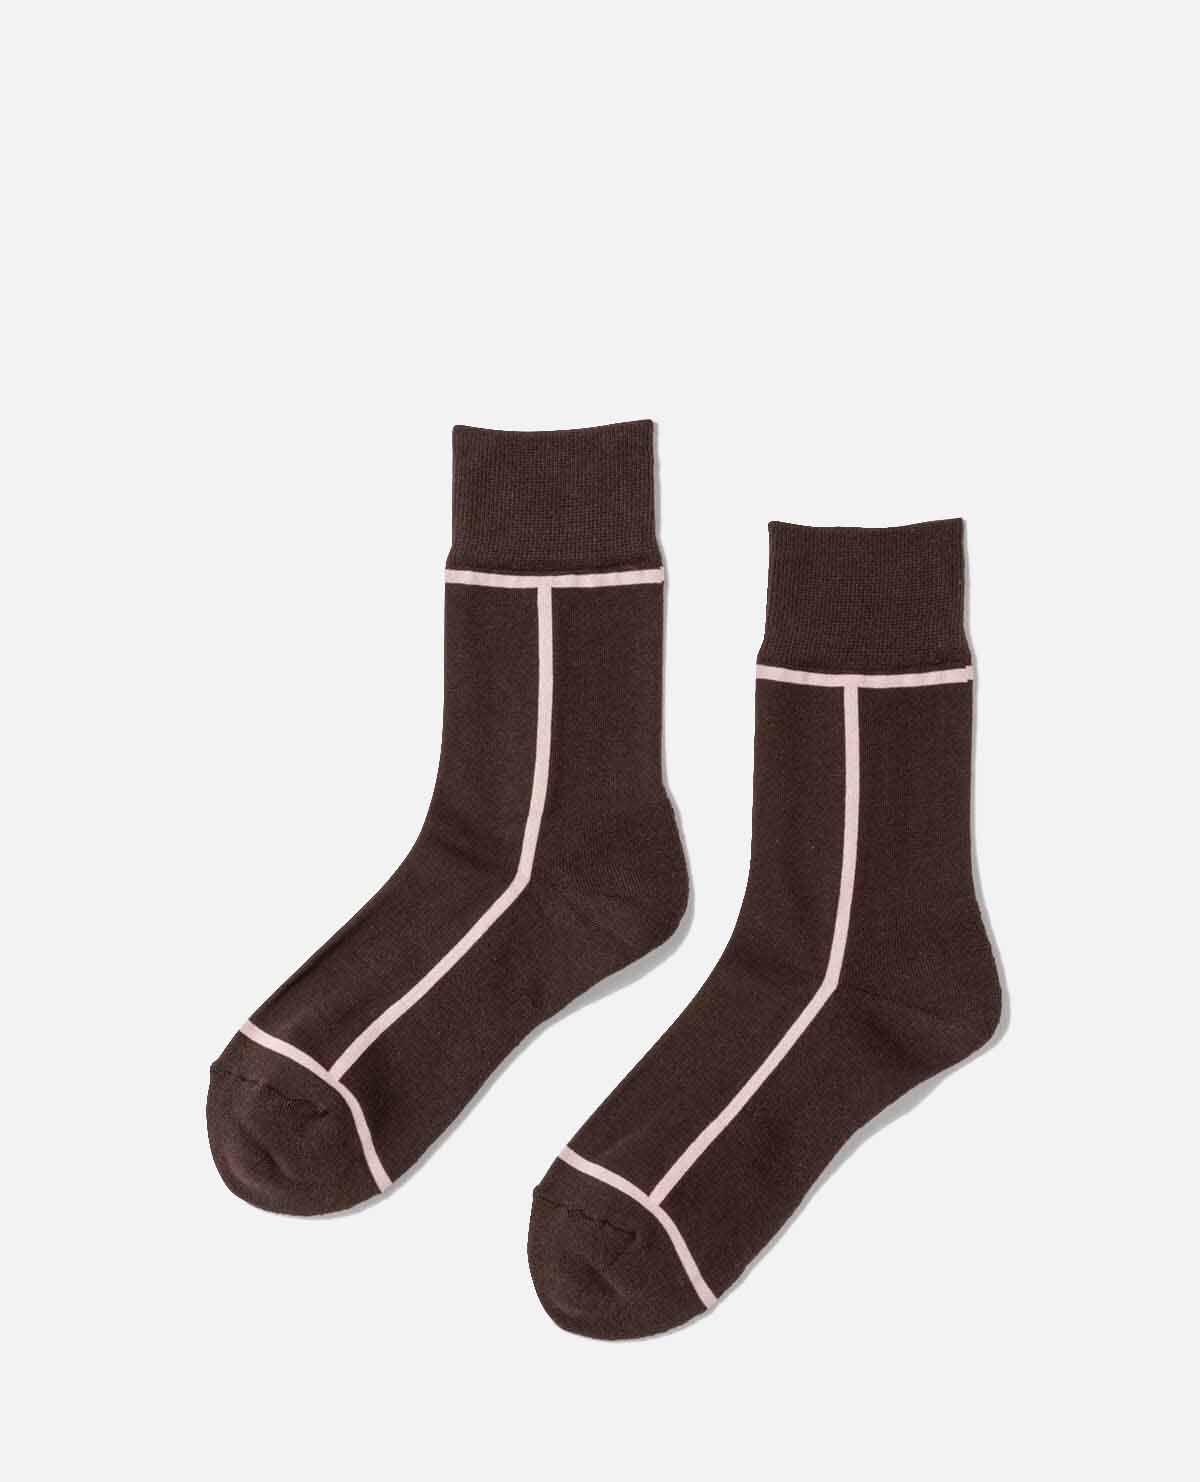 靴下 トープ ダークブラウン ネイビー 3足セット